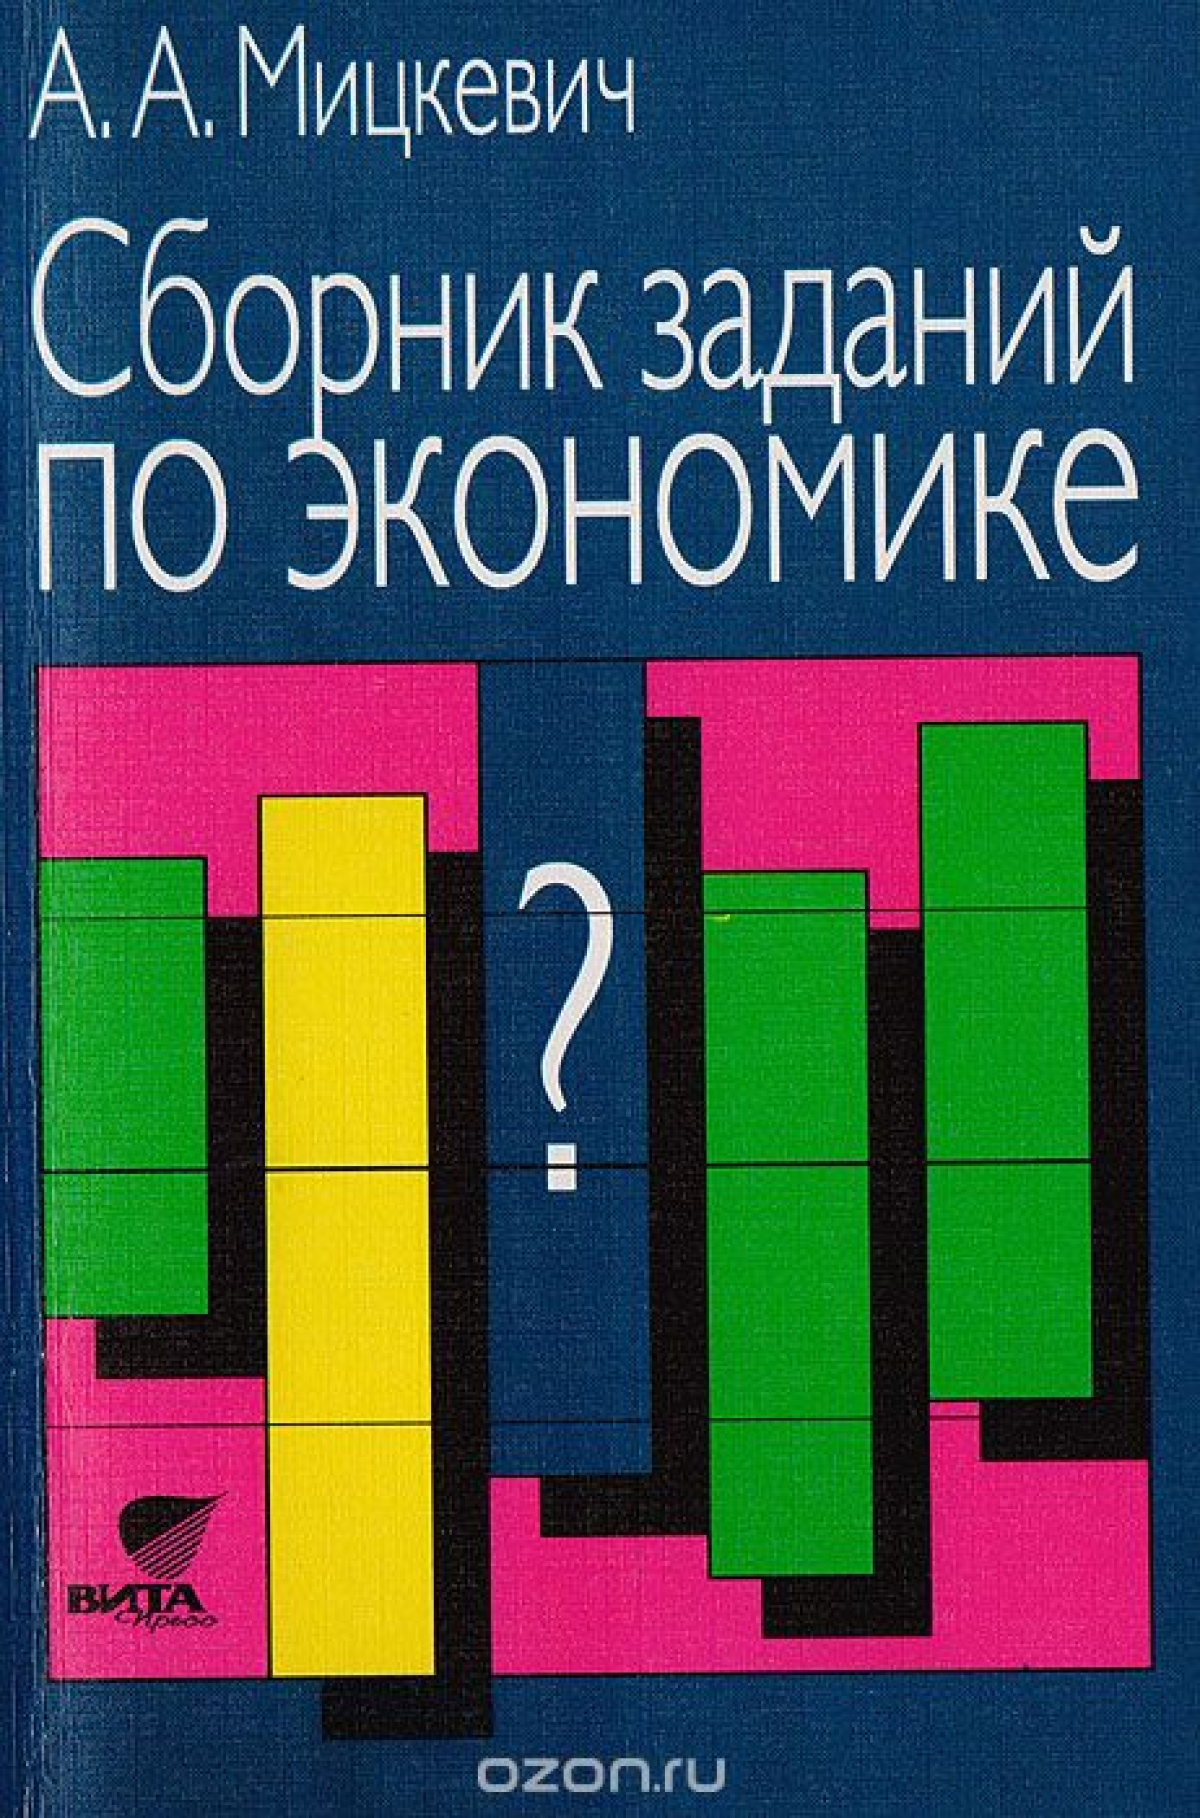 Обложка книги:  а.а. мицкевич - сборник заданий по экономике